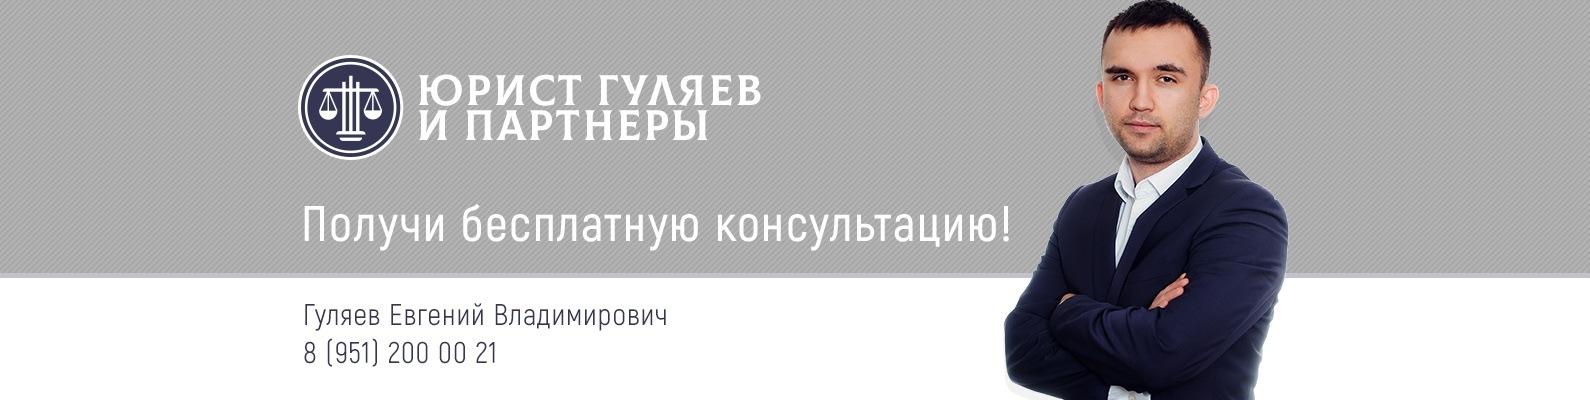 адвокат в воткинске